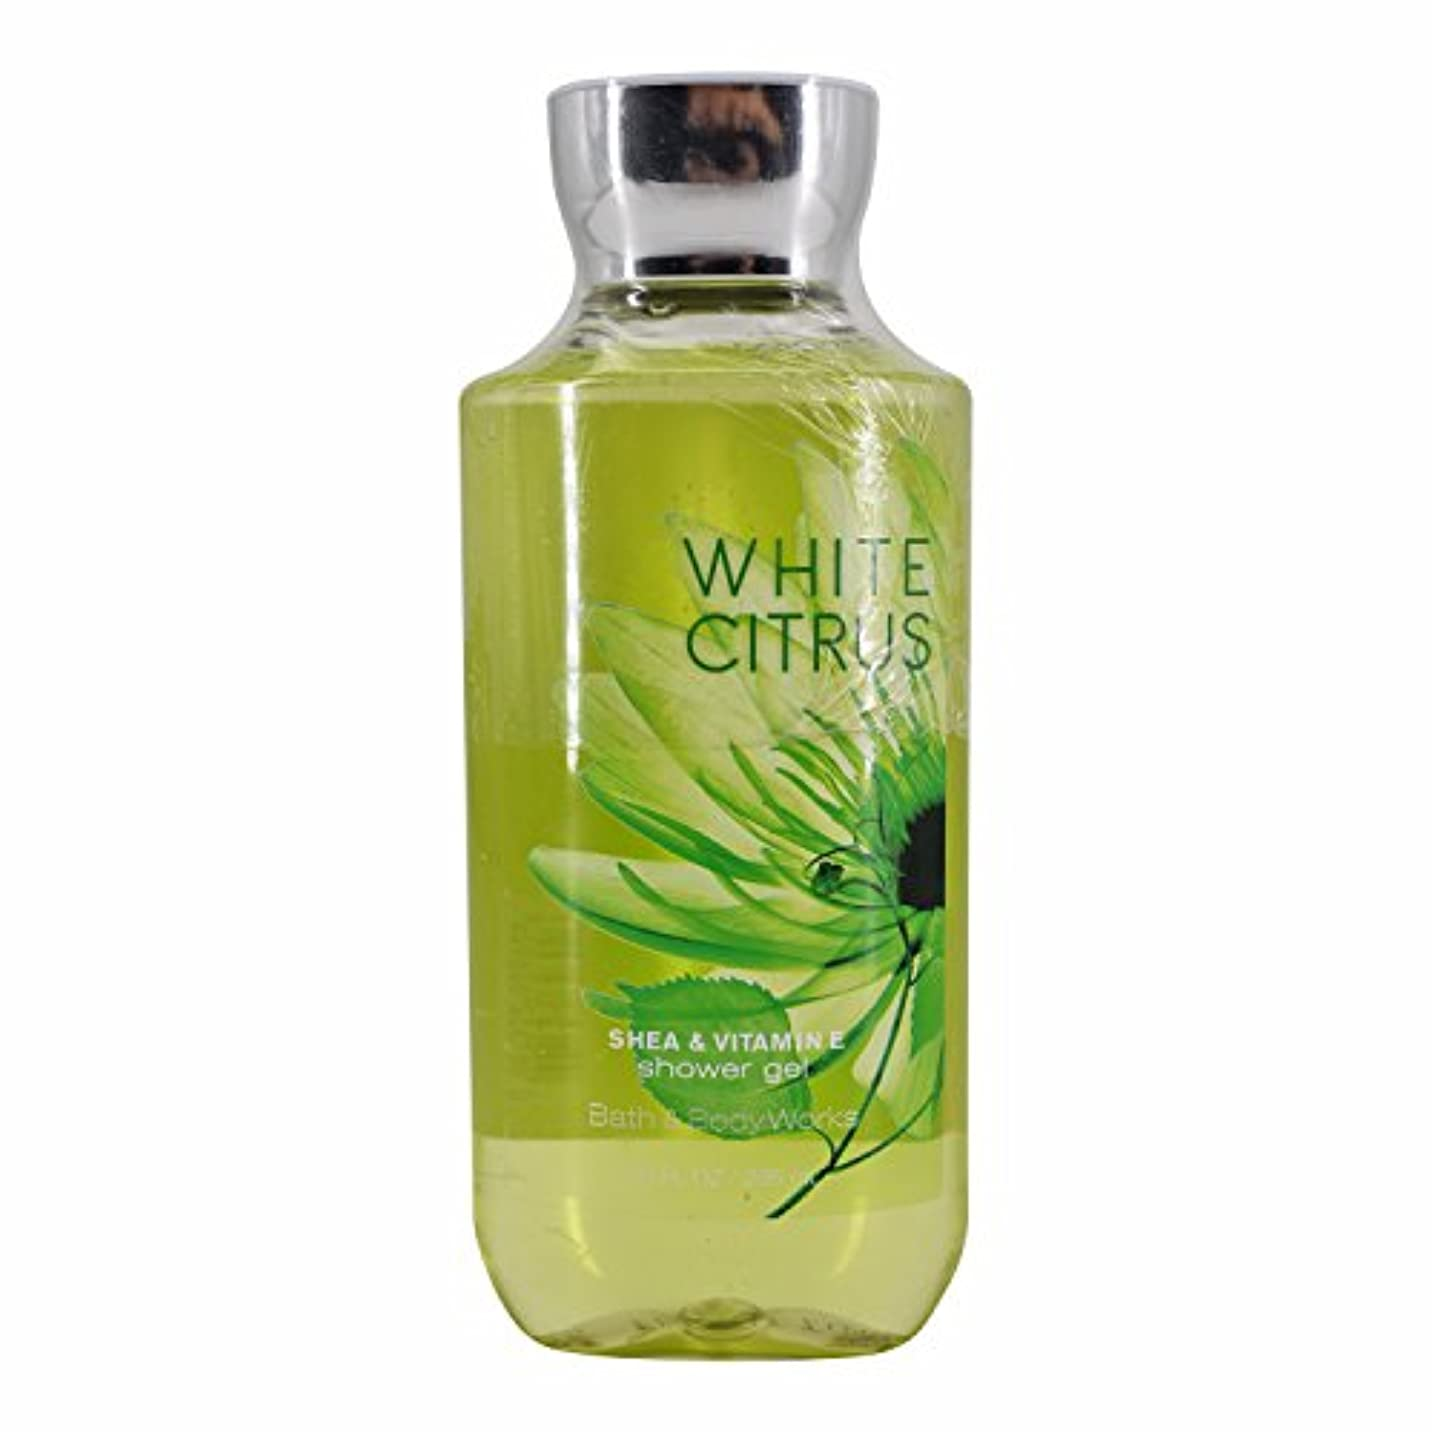 不誠実変更フィードオンバス&ボディワークス ホワイトシトラス シャワージェル White Citrus Shea & Vitamin-E Shower Gel